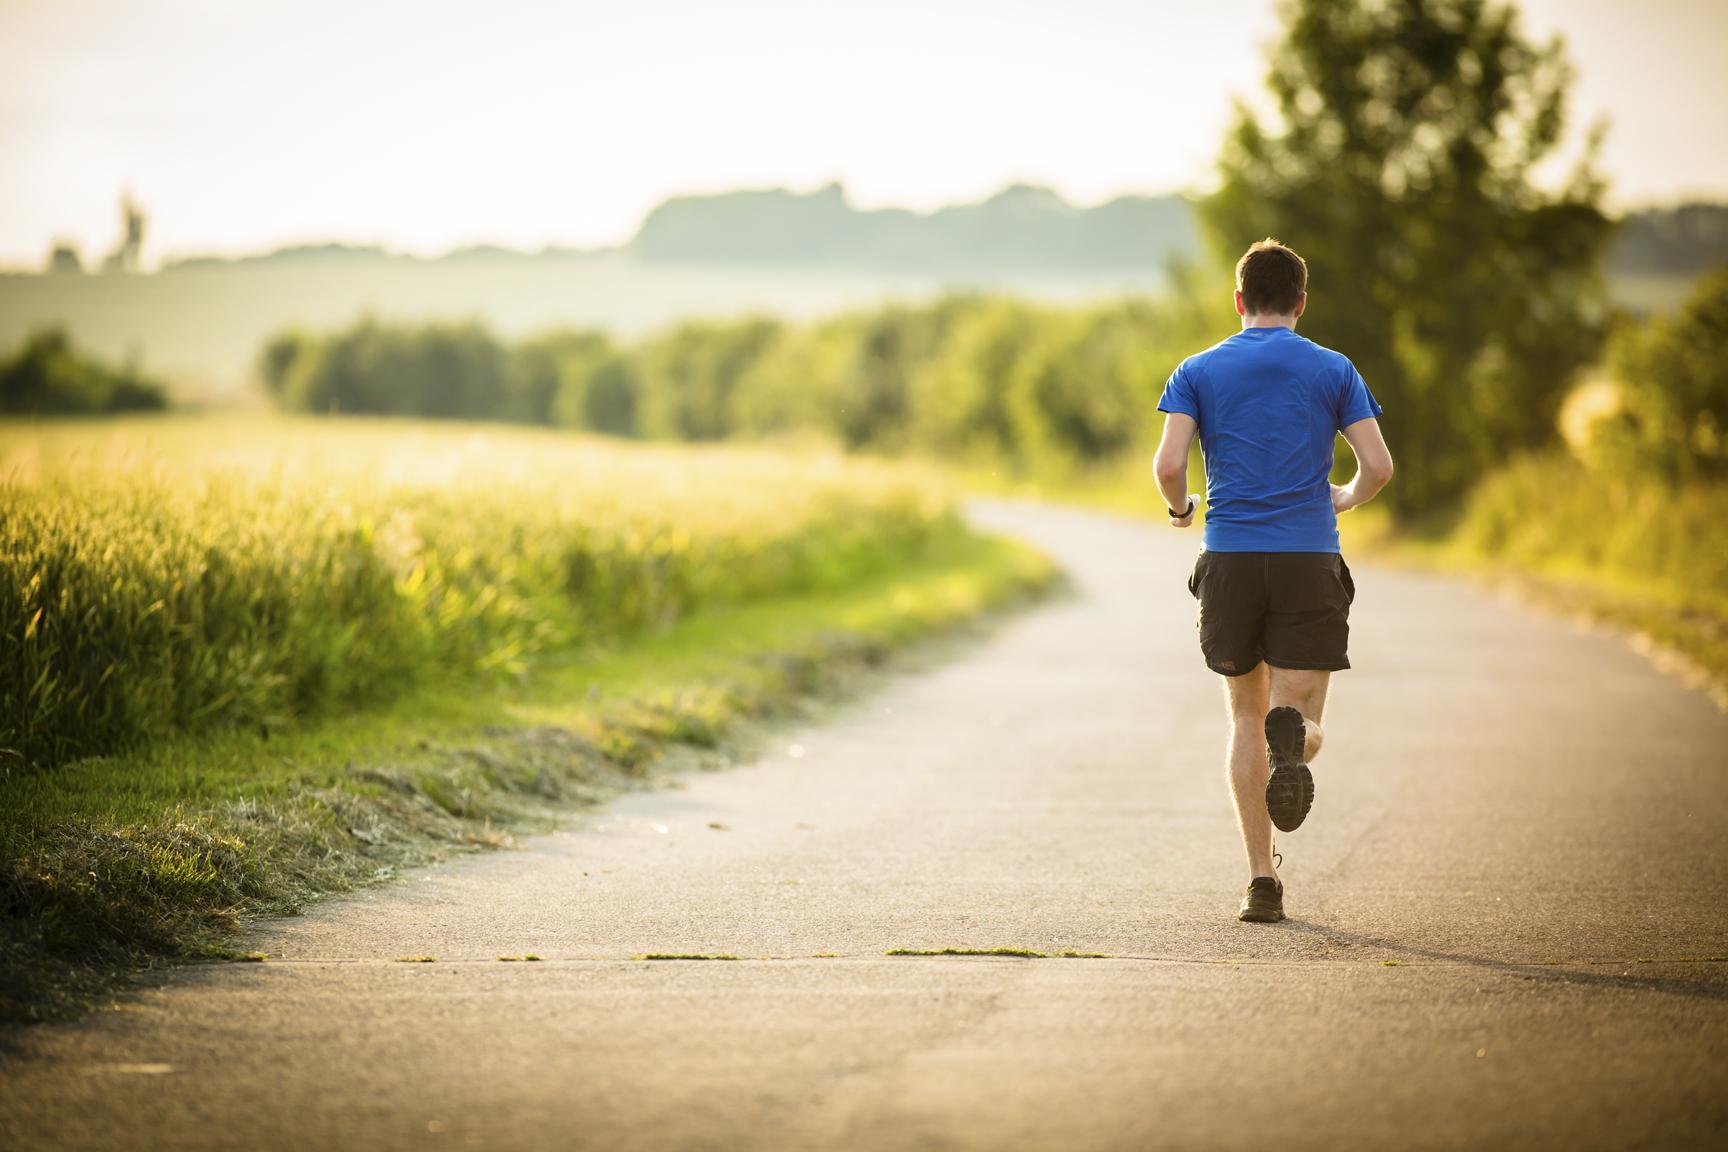 comenzar a hacer ejercicio